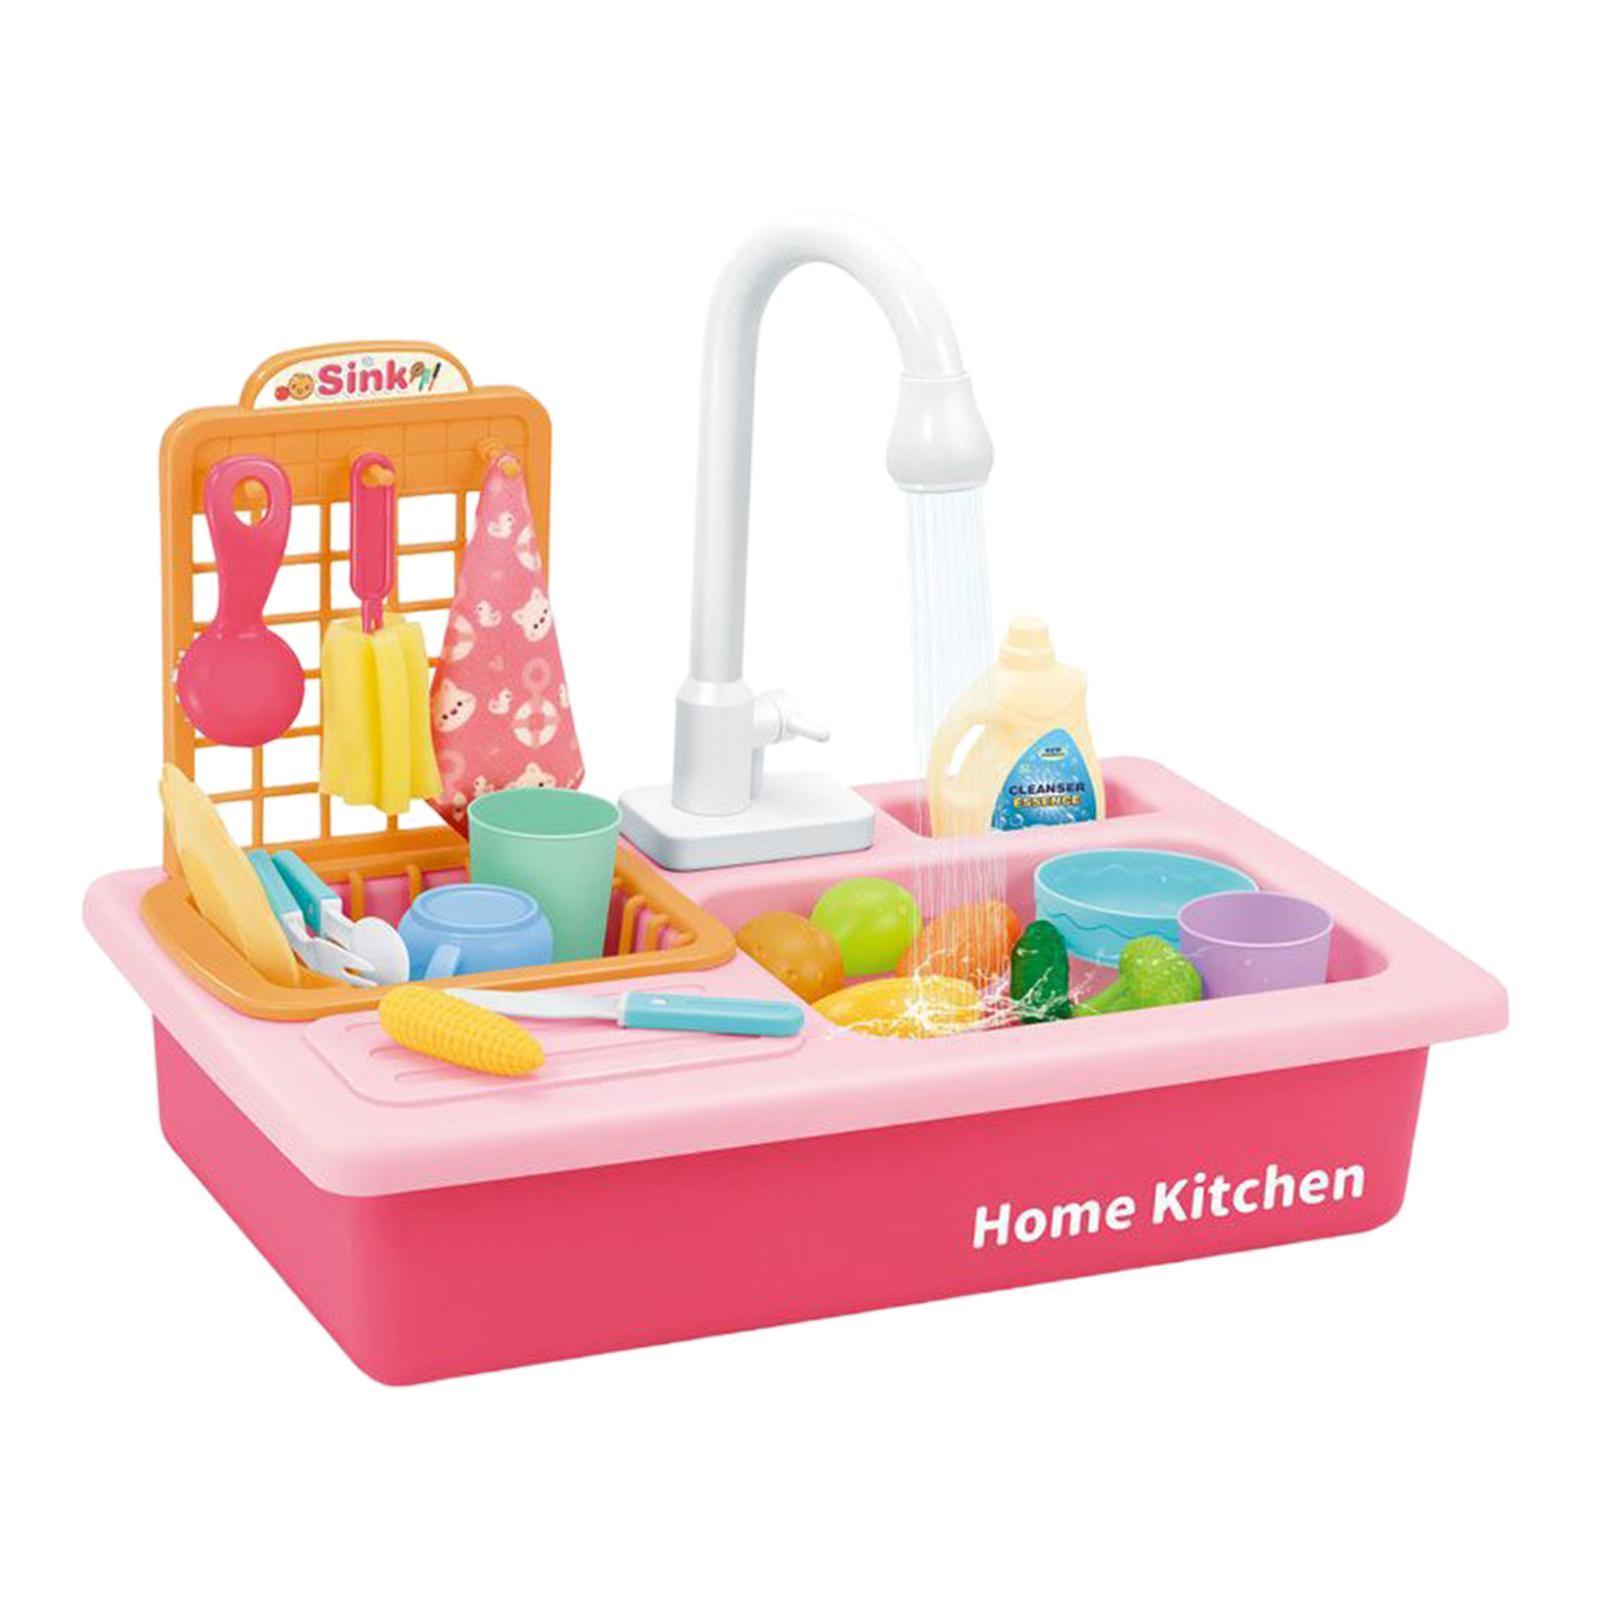 Indexbild 14 - Kinder-Kueche-Spielen-Waschbecken-Spielzeug-Automatische-Wasser-Zyklus-System